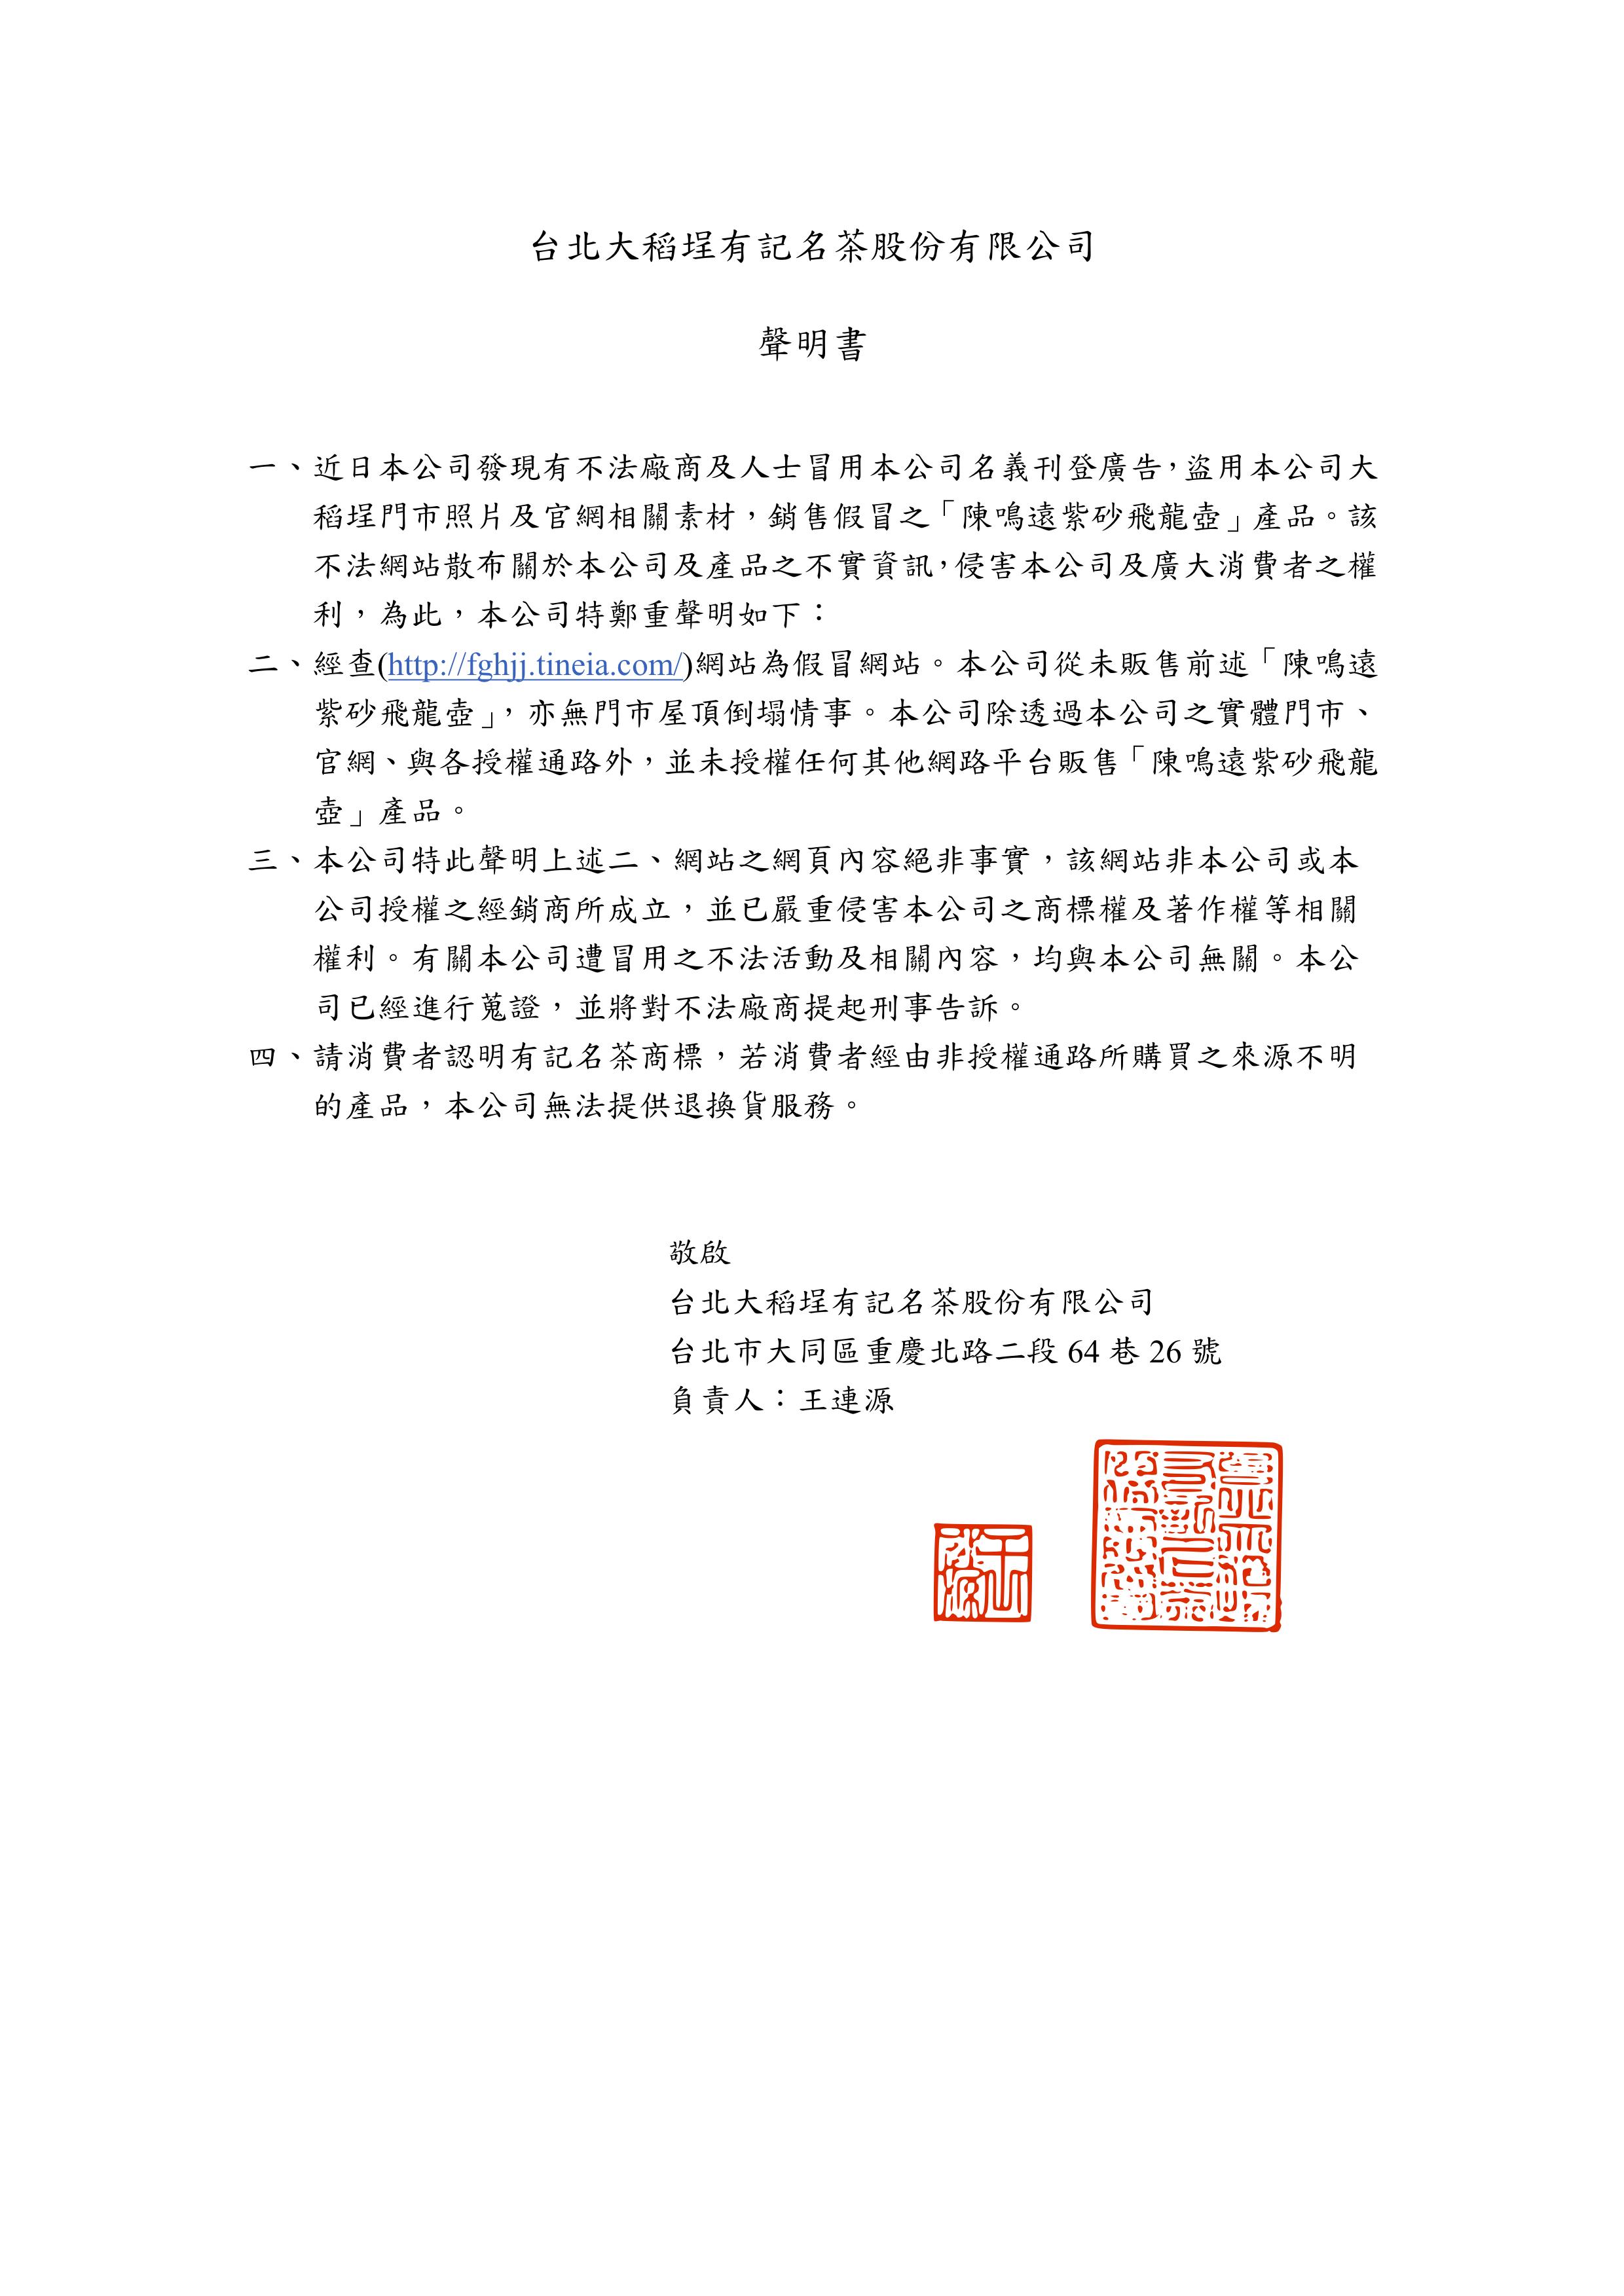 2019.7.8 有記名茶聲明書.png